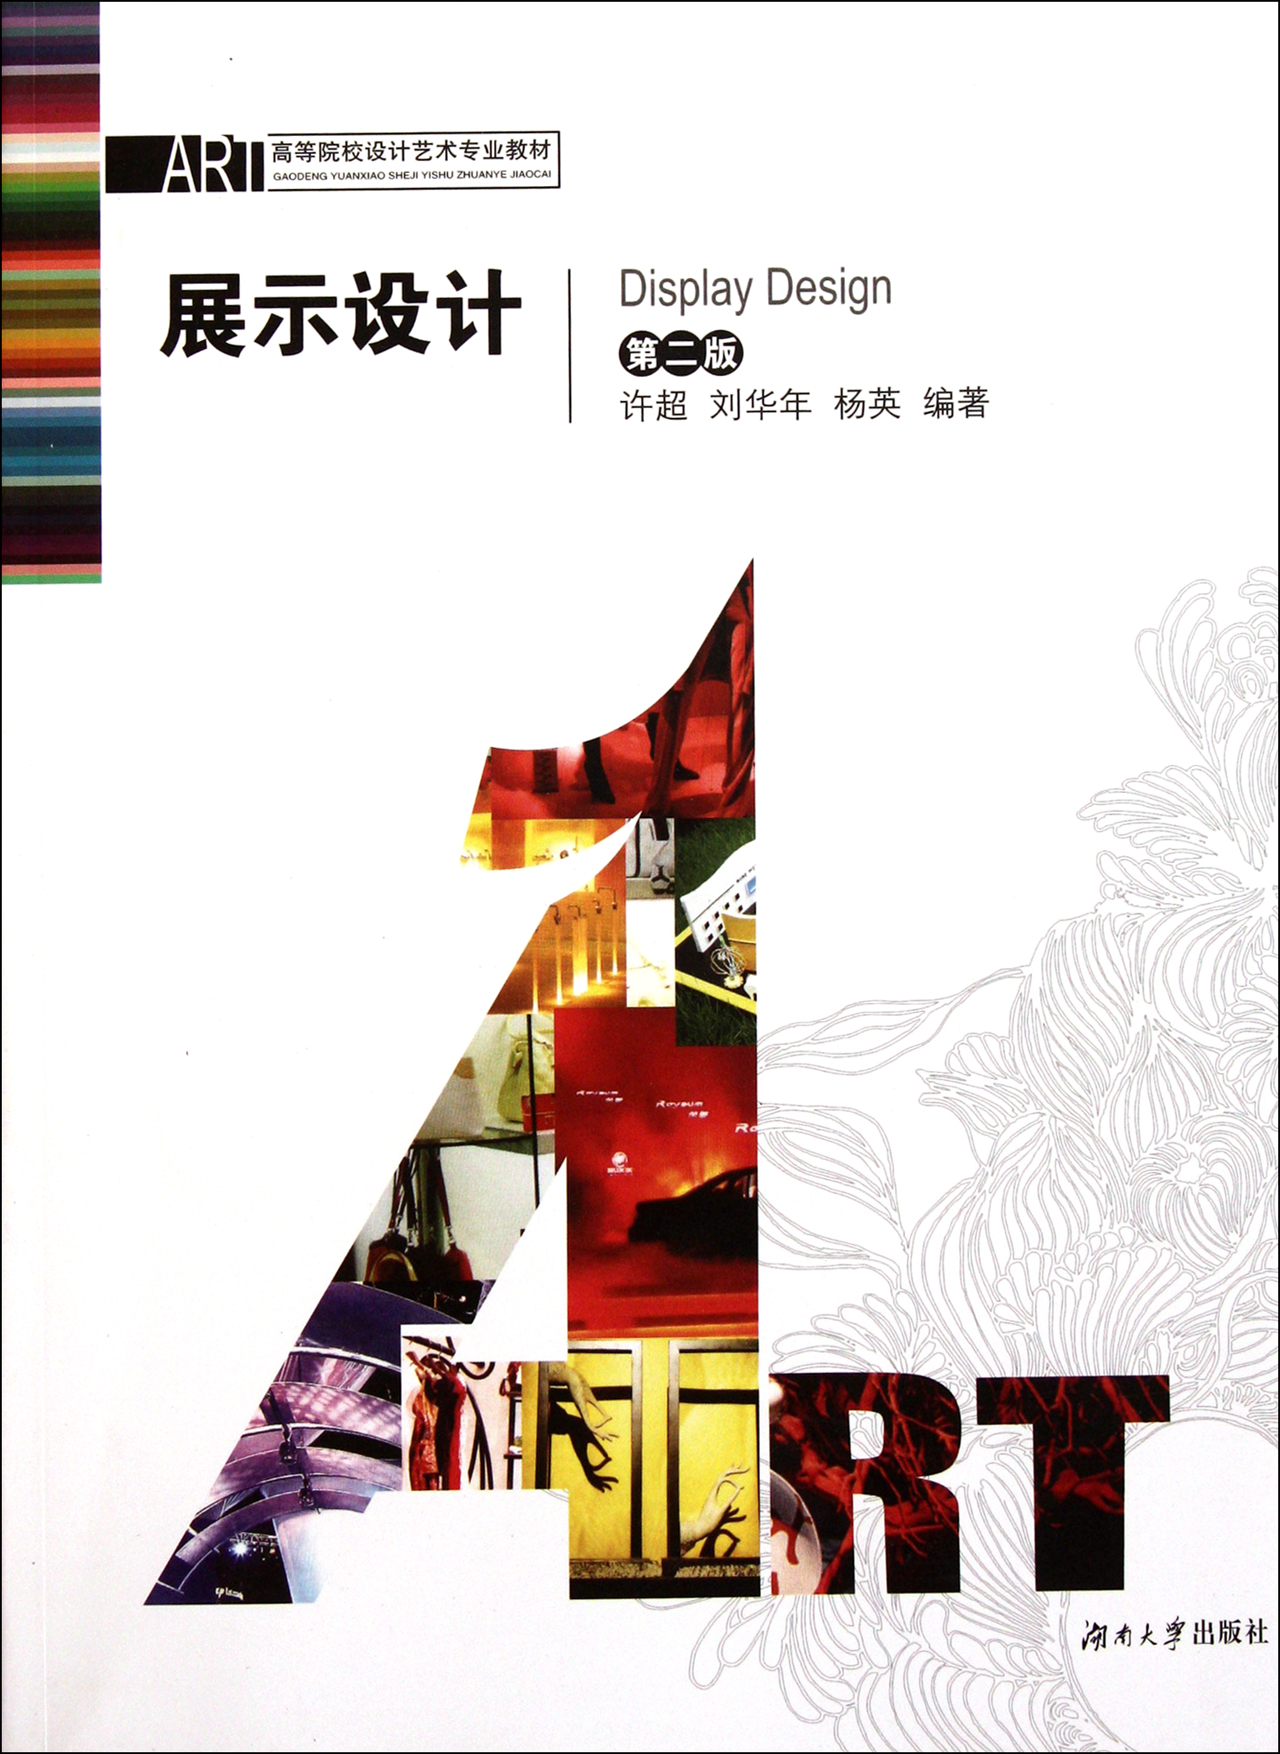 展示的版式设计   3.2